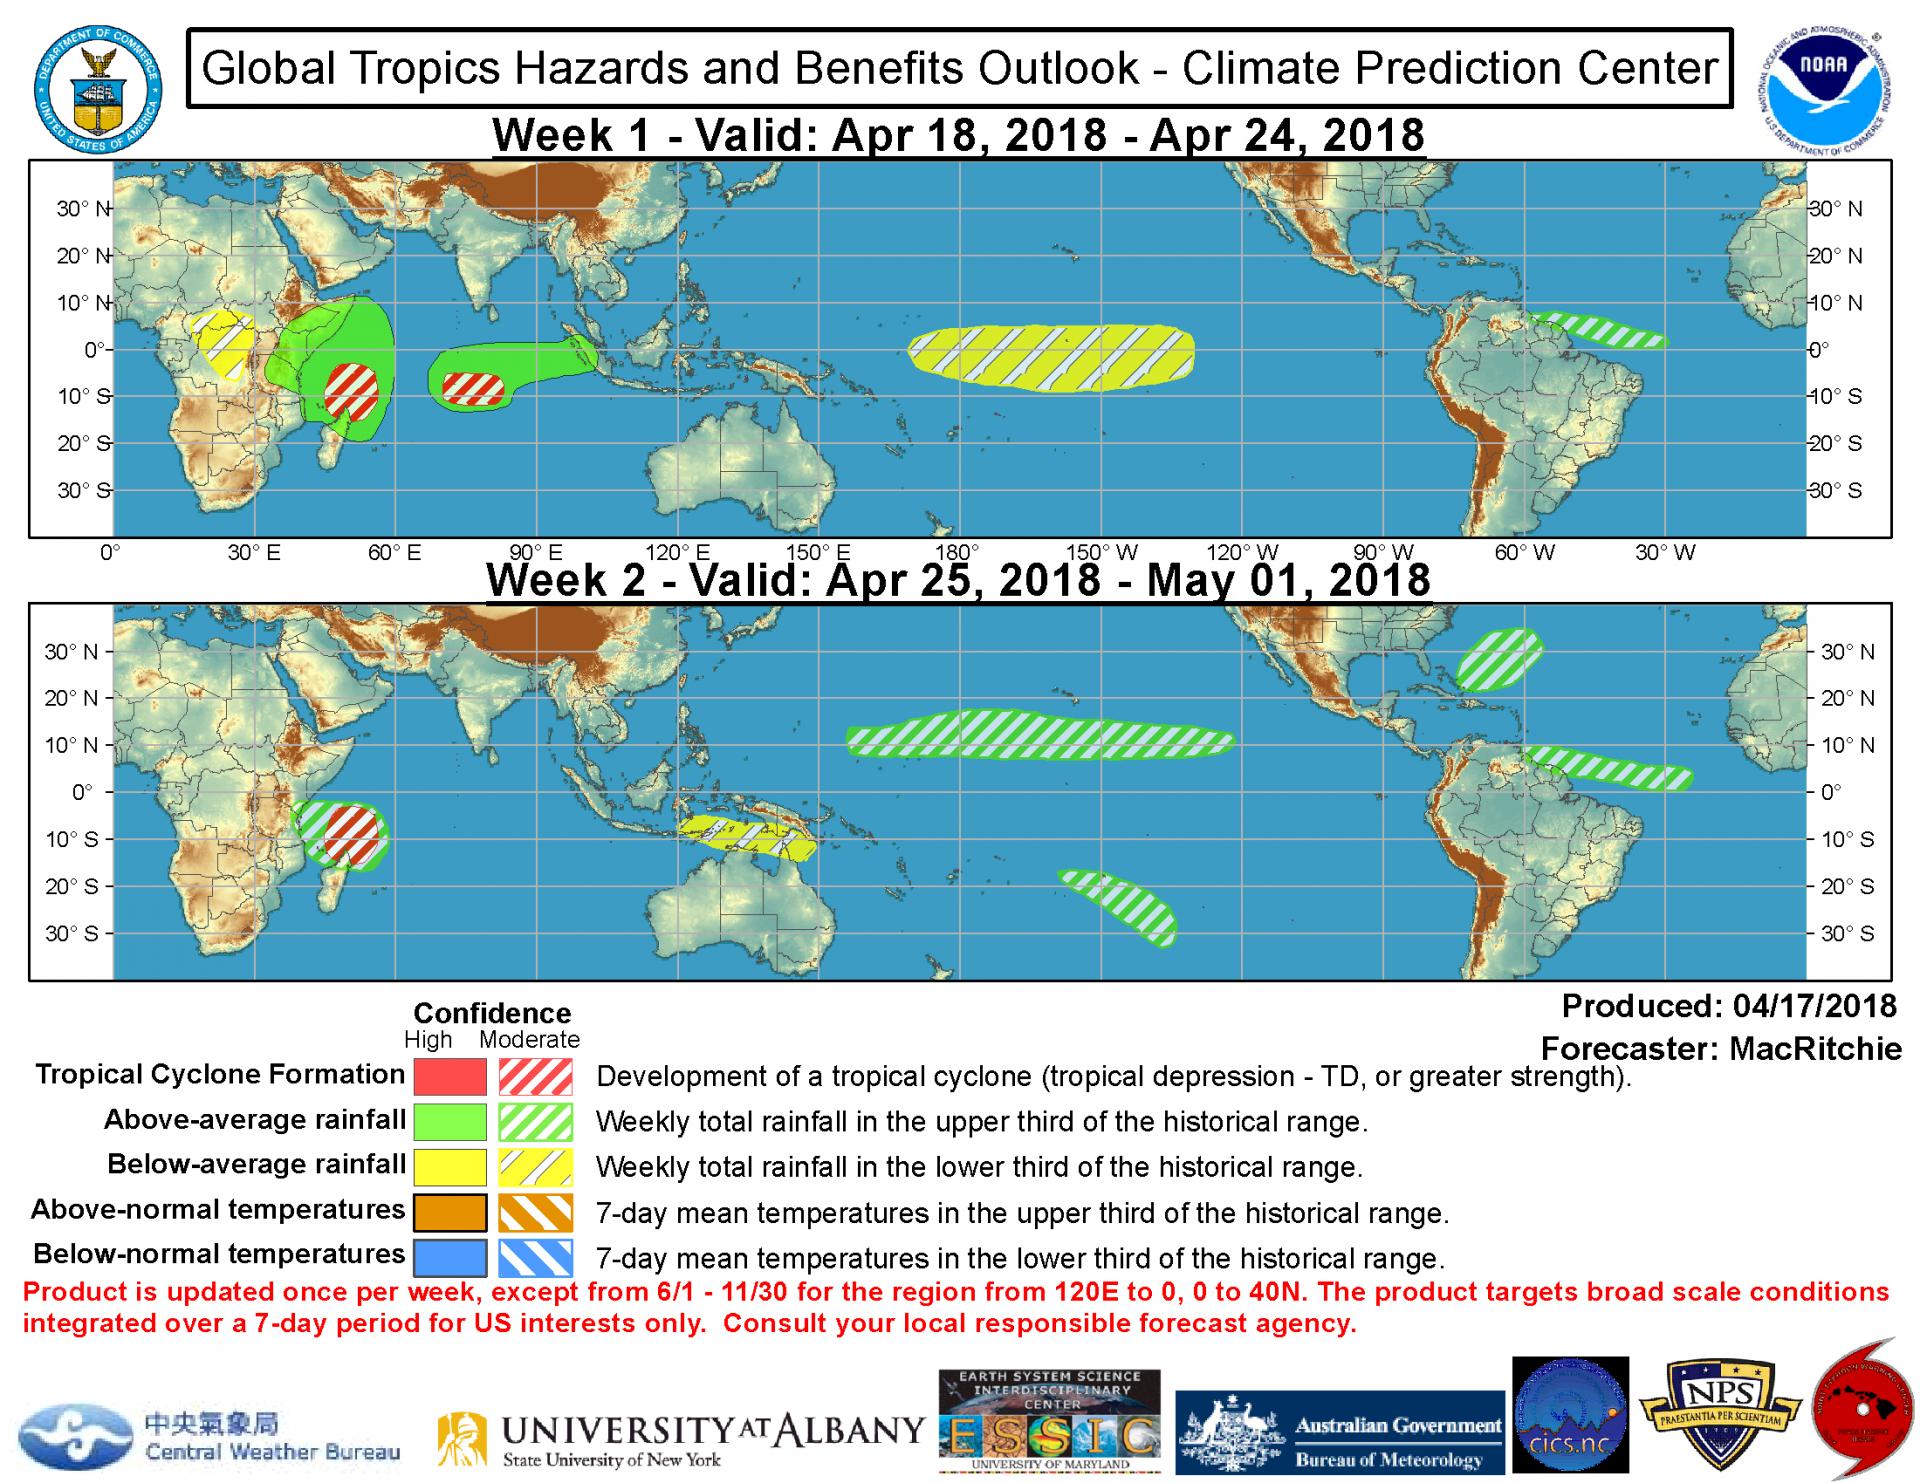 Tendances d'activité cyclonique selon la NOAA